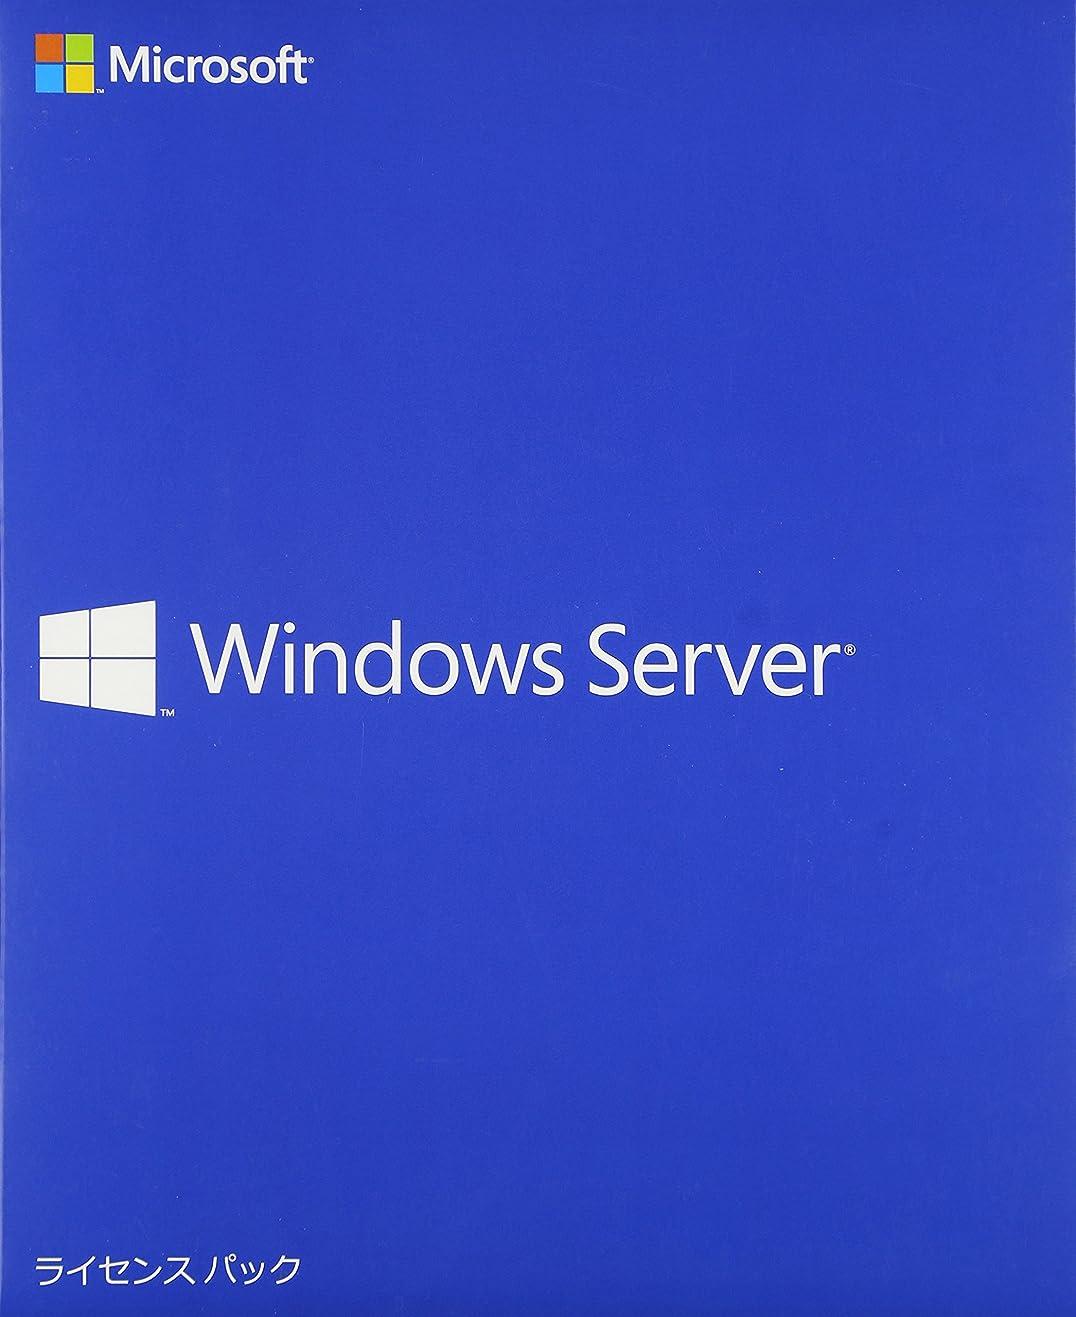 消費する引用ようこそMicrosoft Windows Server User CAL 2012 MLP 20ライセンス